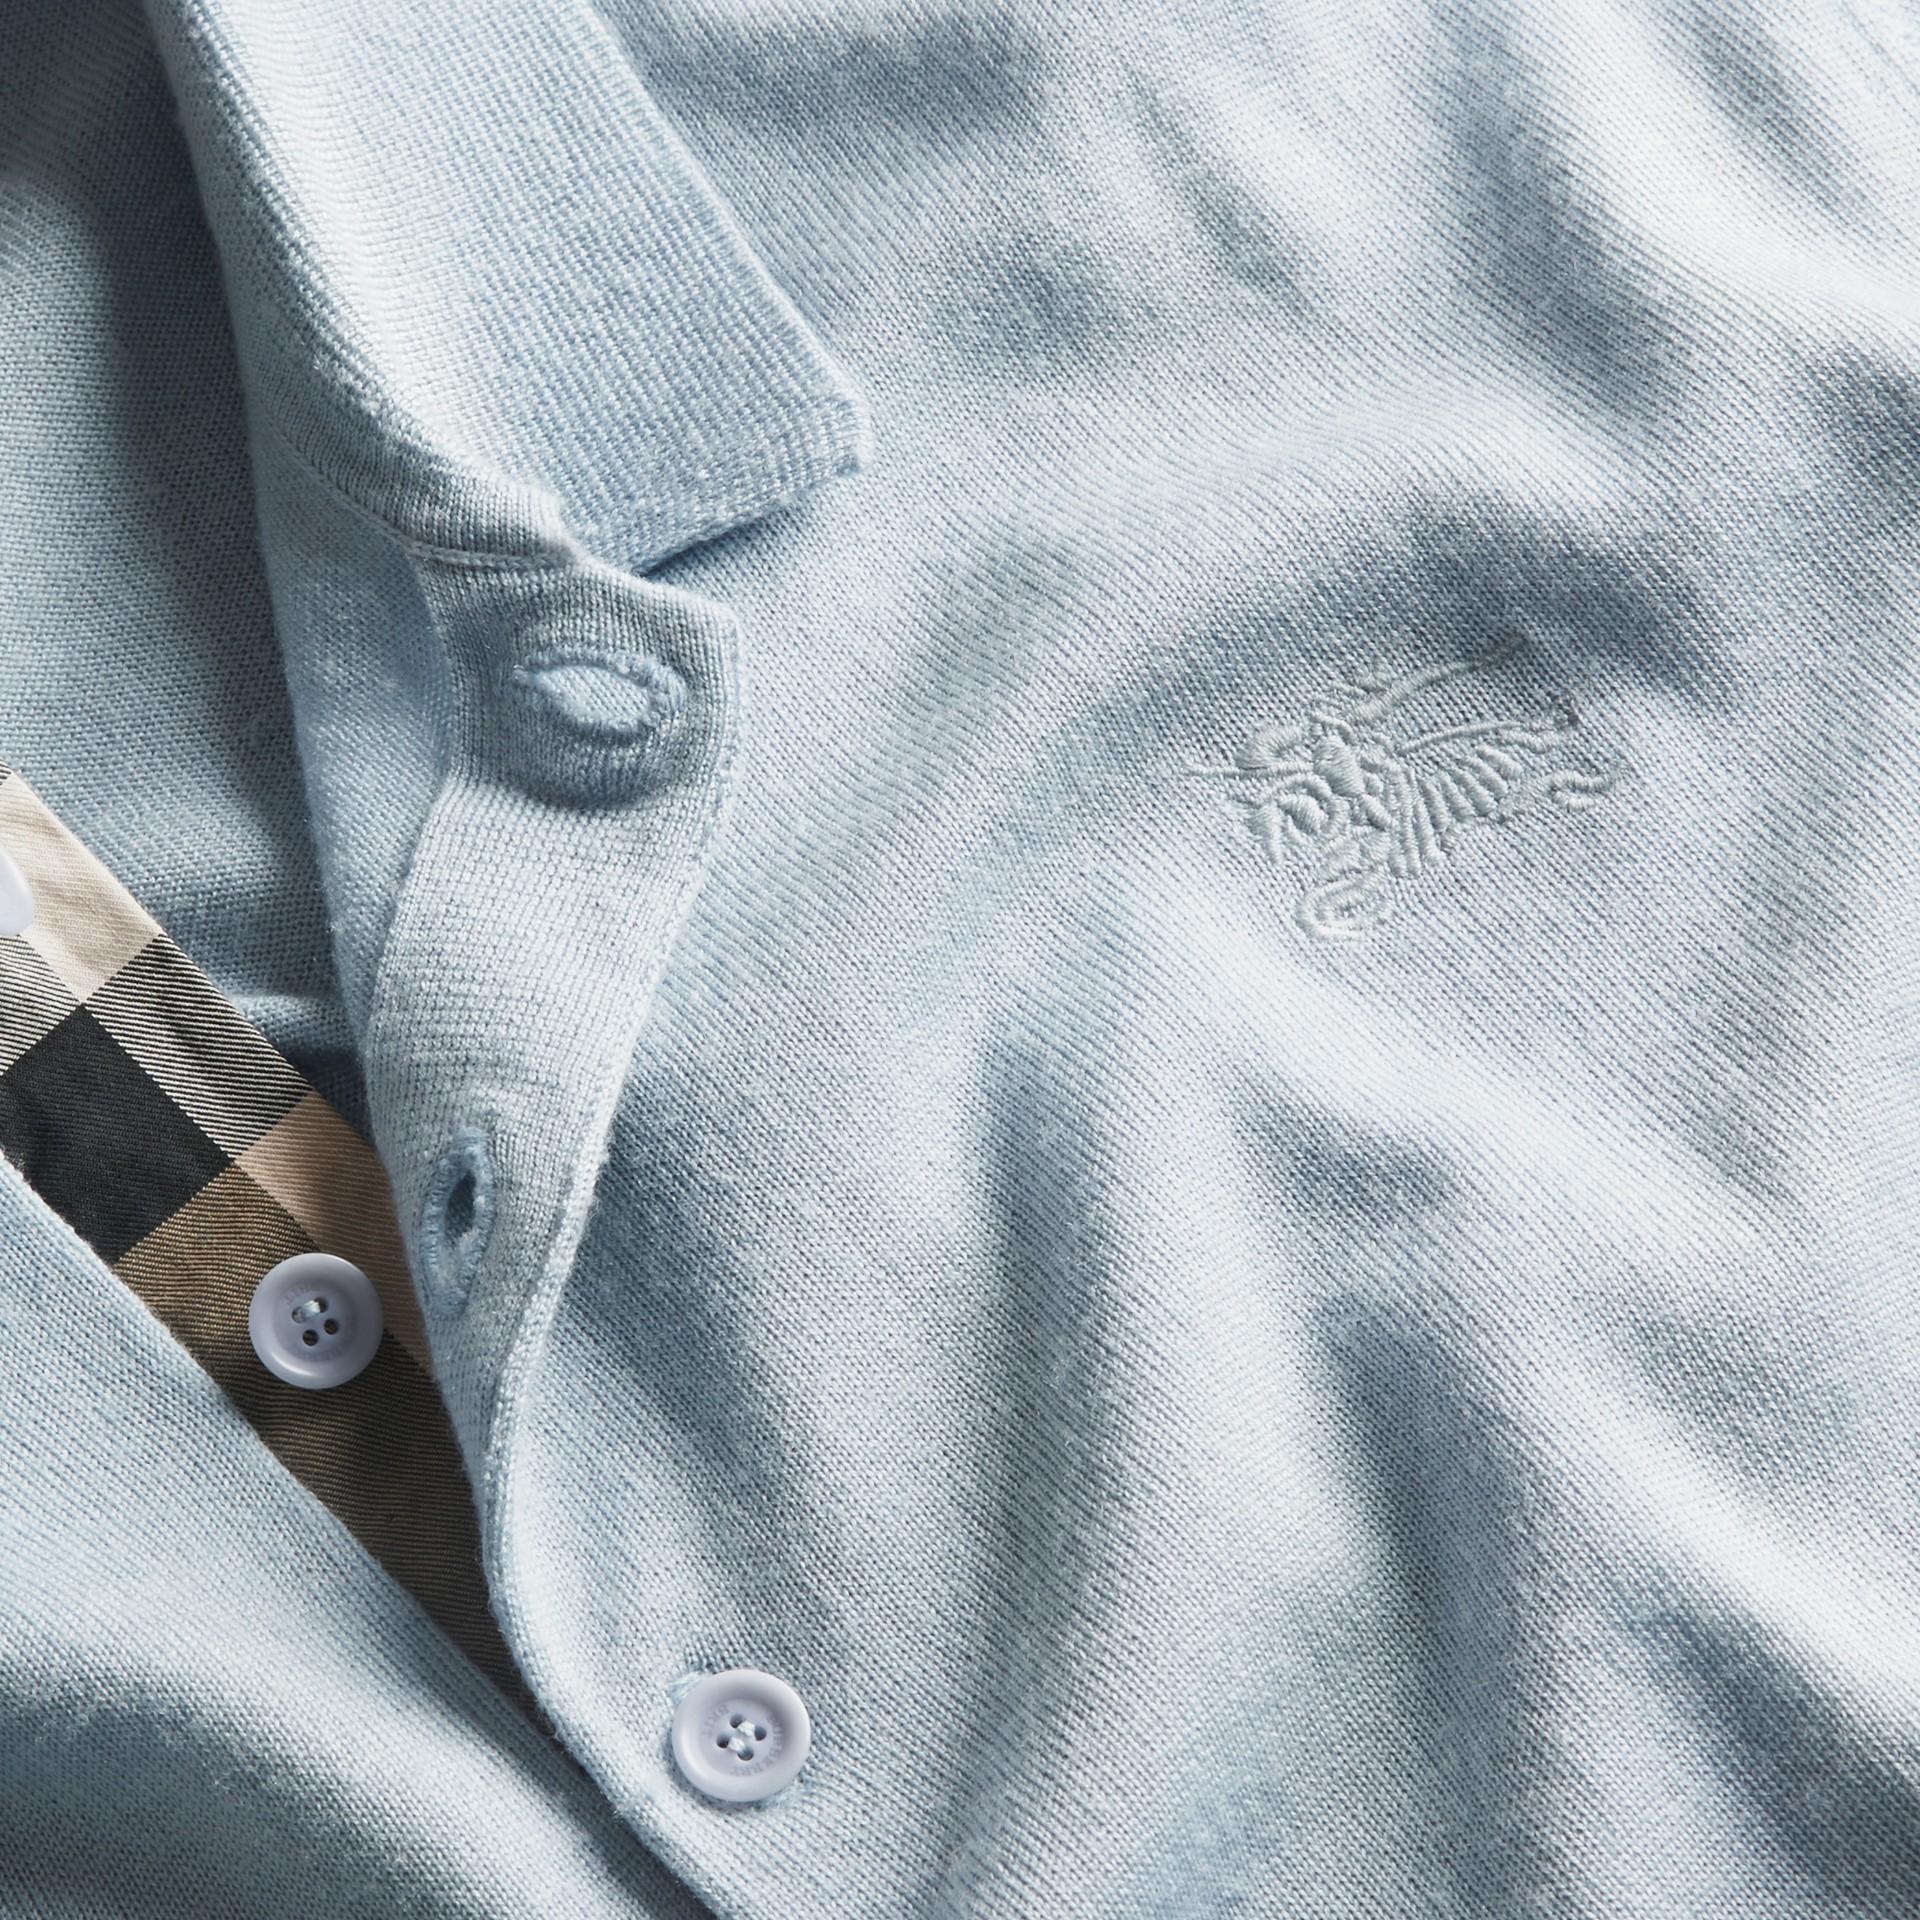 ペールスカイブルー チェックプラケット・ウール&シルクブレンド・ポロシャツ ペールスカイブルー - ギャラリーイメージ 2